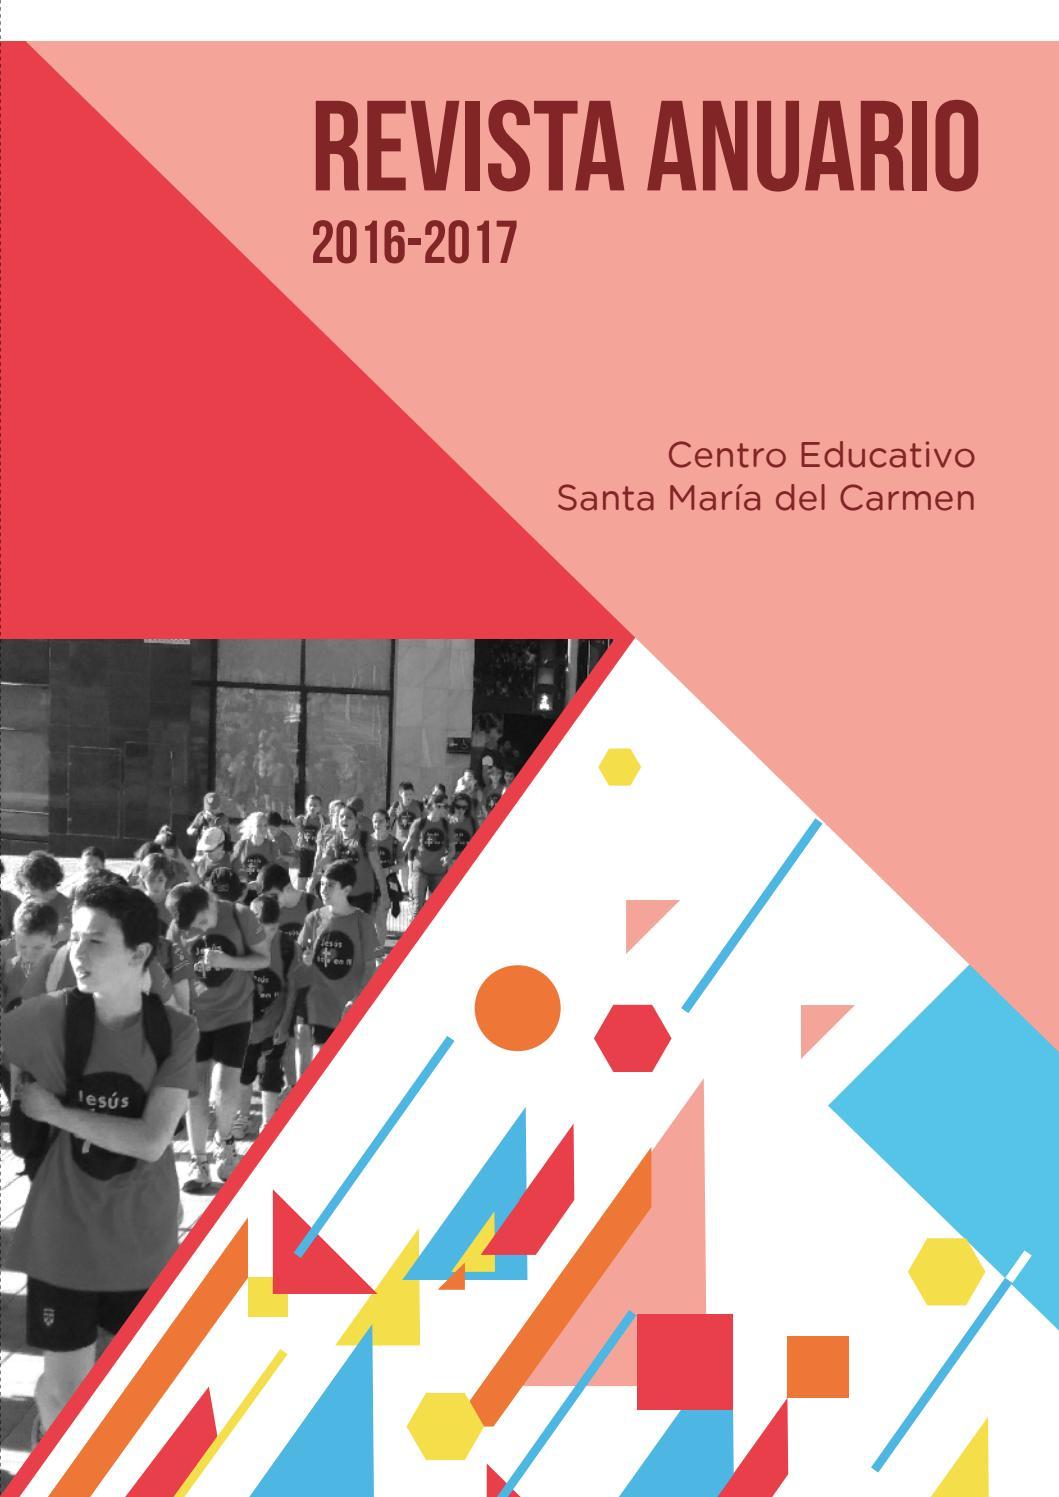 Revista anuario curso 2016-17 by Colegio Santa María del Carmen - issuu